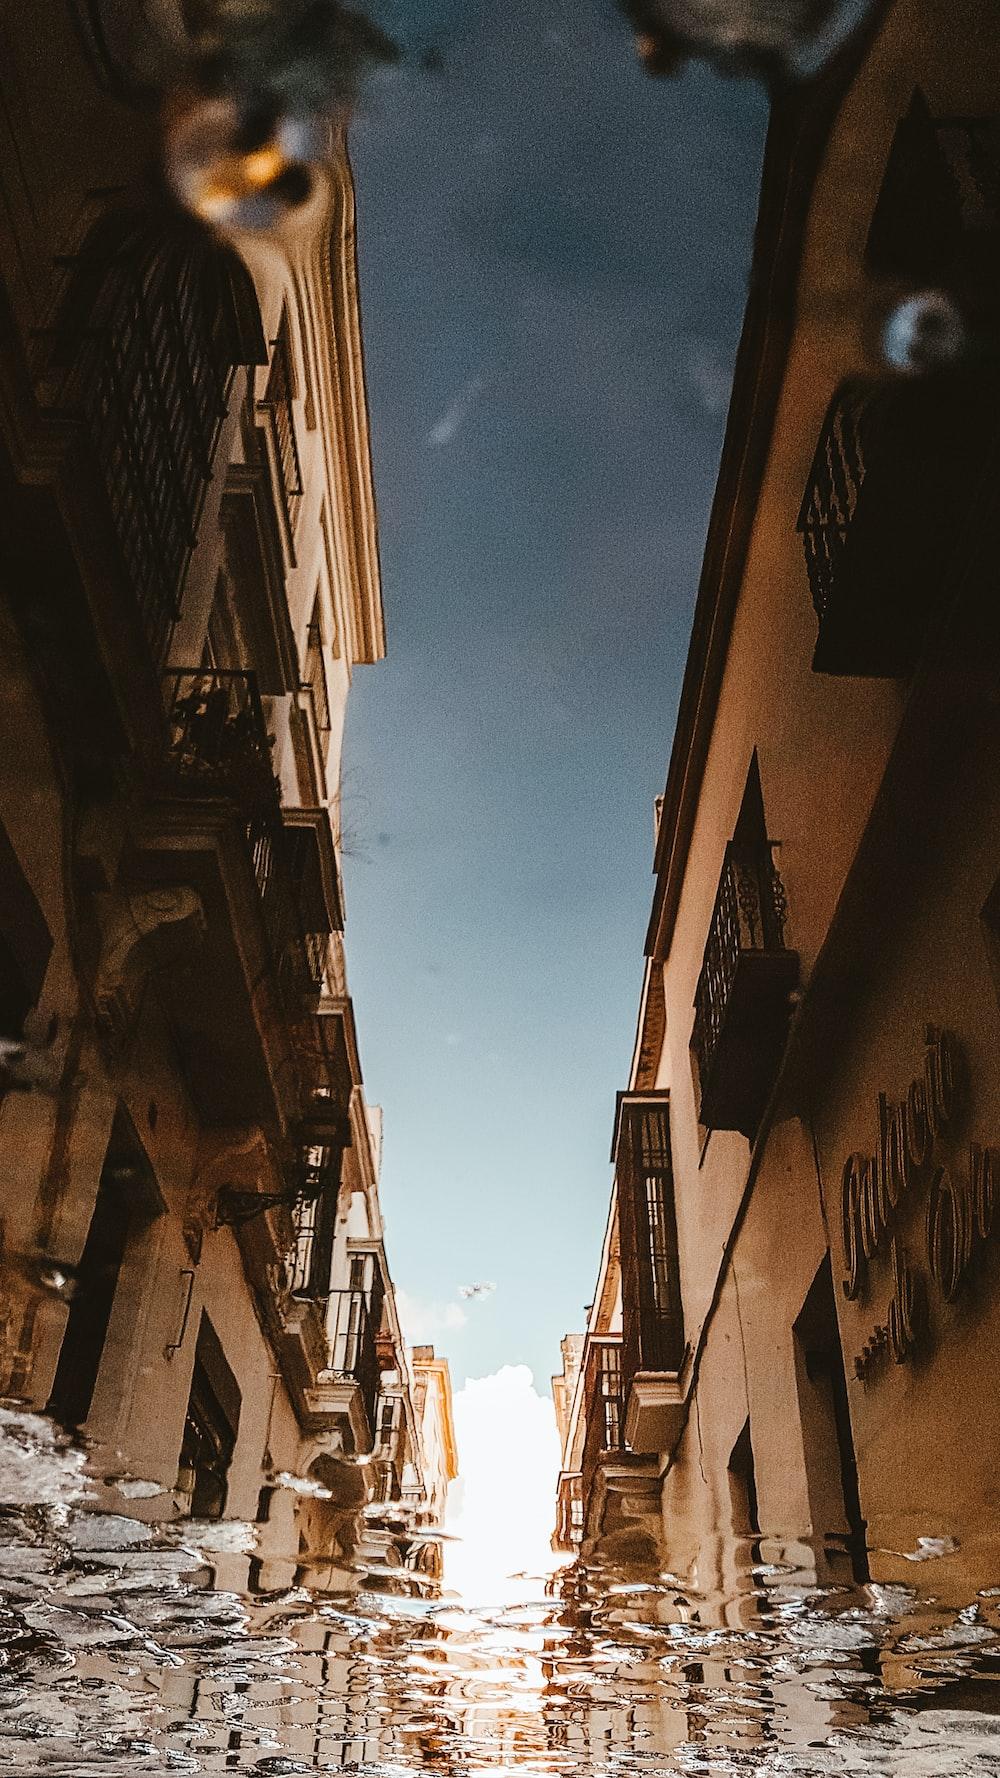 narrow pathway in between buildings